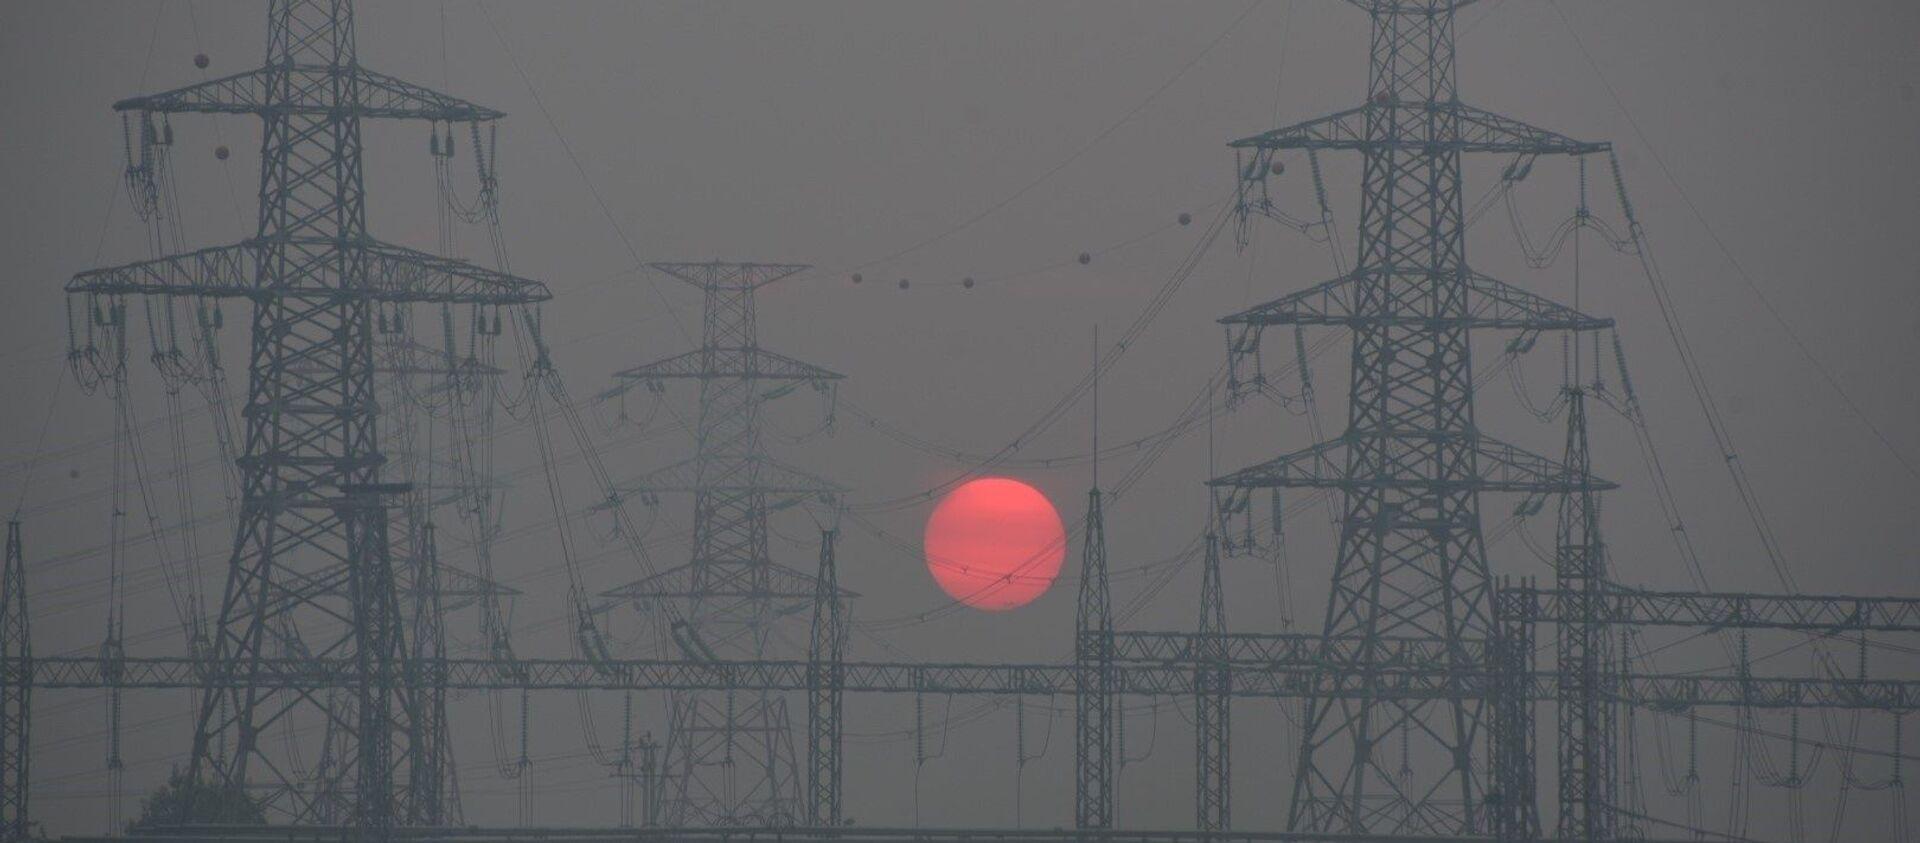 Tổ chức Air Visual đưa thành phố Hà Nội vào Bảng xếp hạng 10 thành phố có chất lượng không khí xấu nhất thế giới và xếp hạng Hà Nội là thành phố ô nhiễm không khí nhất thế giới (chỉ số AQI luôn trên 200 - mức xấu).  - Sputnik Việt Nam, 1920, 12.08.2021